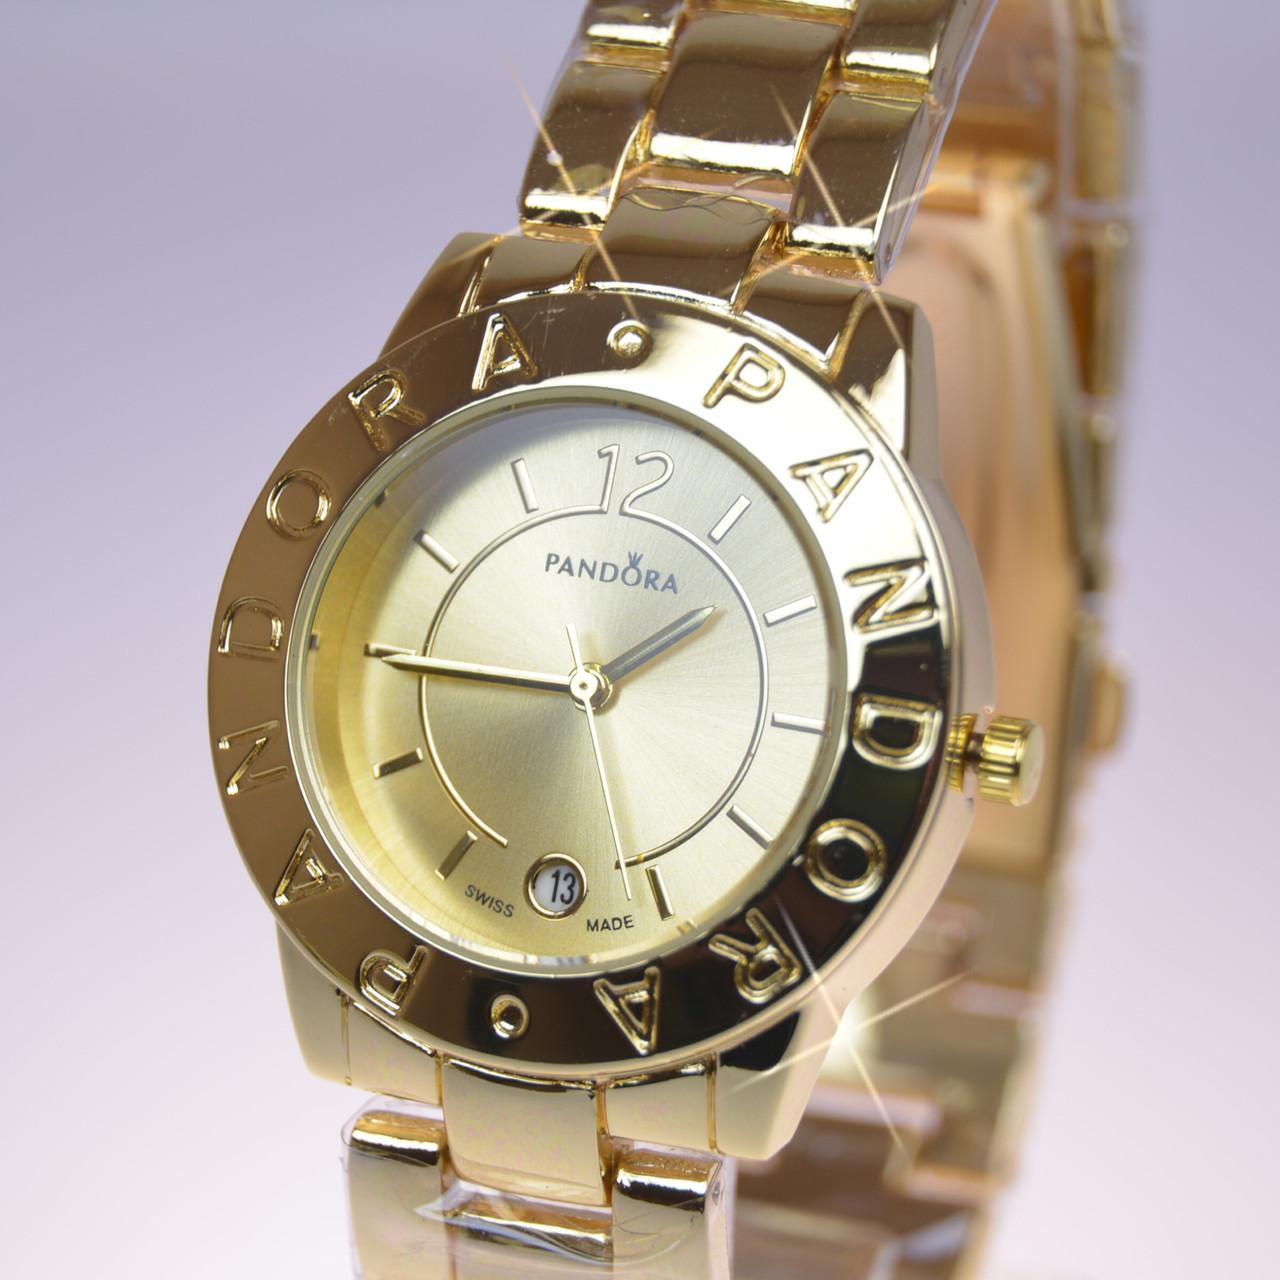 337fb86f234a Женские наручные часы PANDORA (Пандора) Gold - интернет- магазин